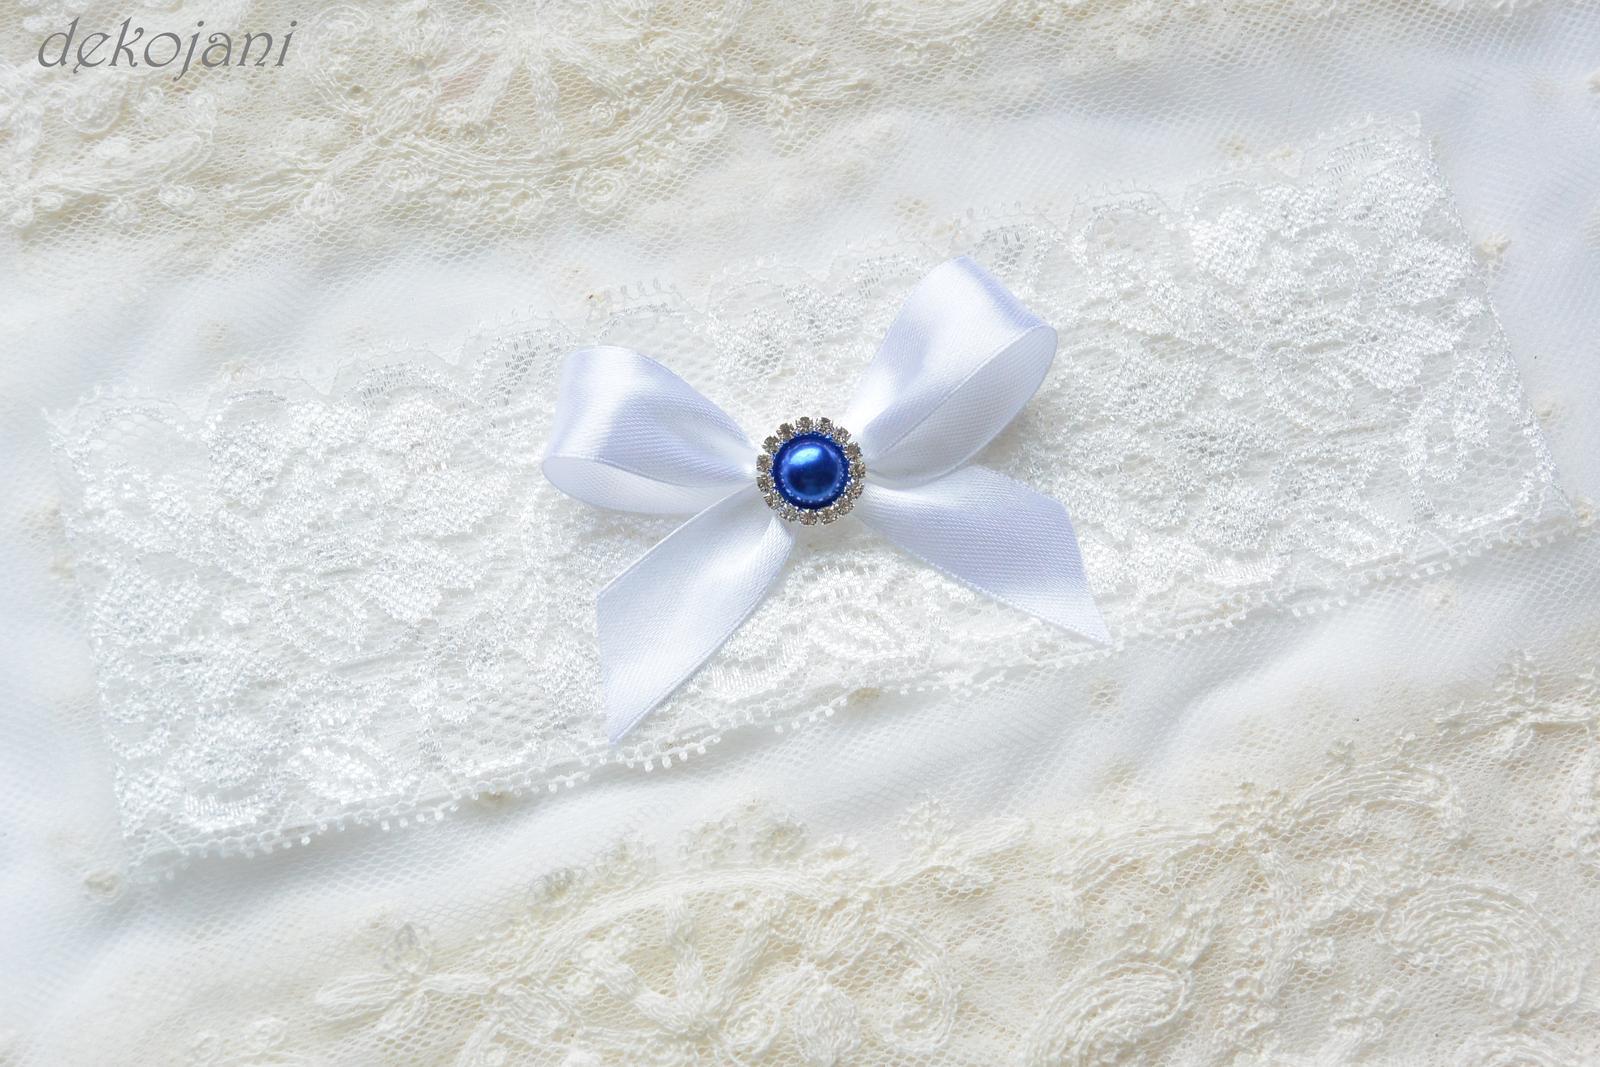 Svatební podvazky - Obrázek č. 61